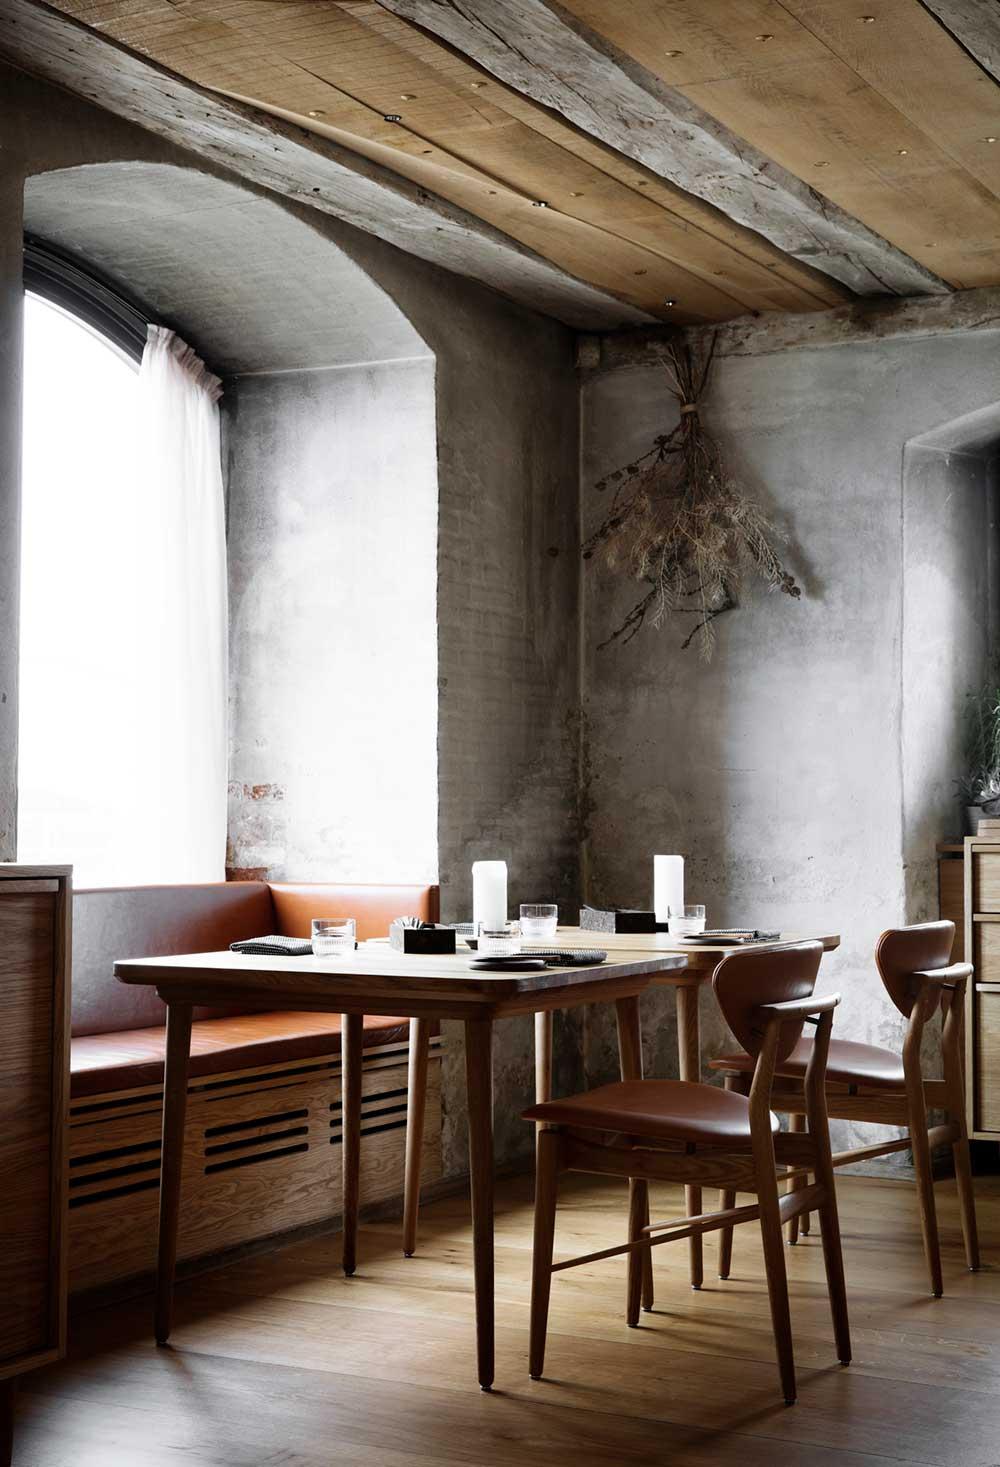 Barr Rustic Restaurant Interior Design In Copenhagen